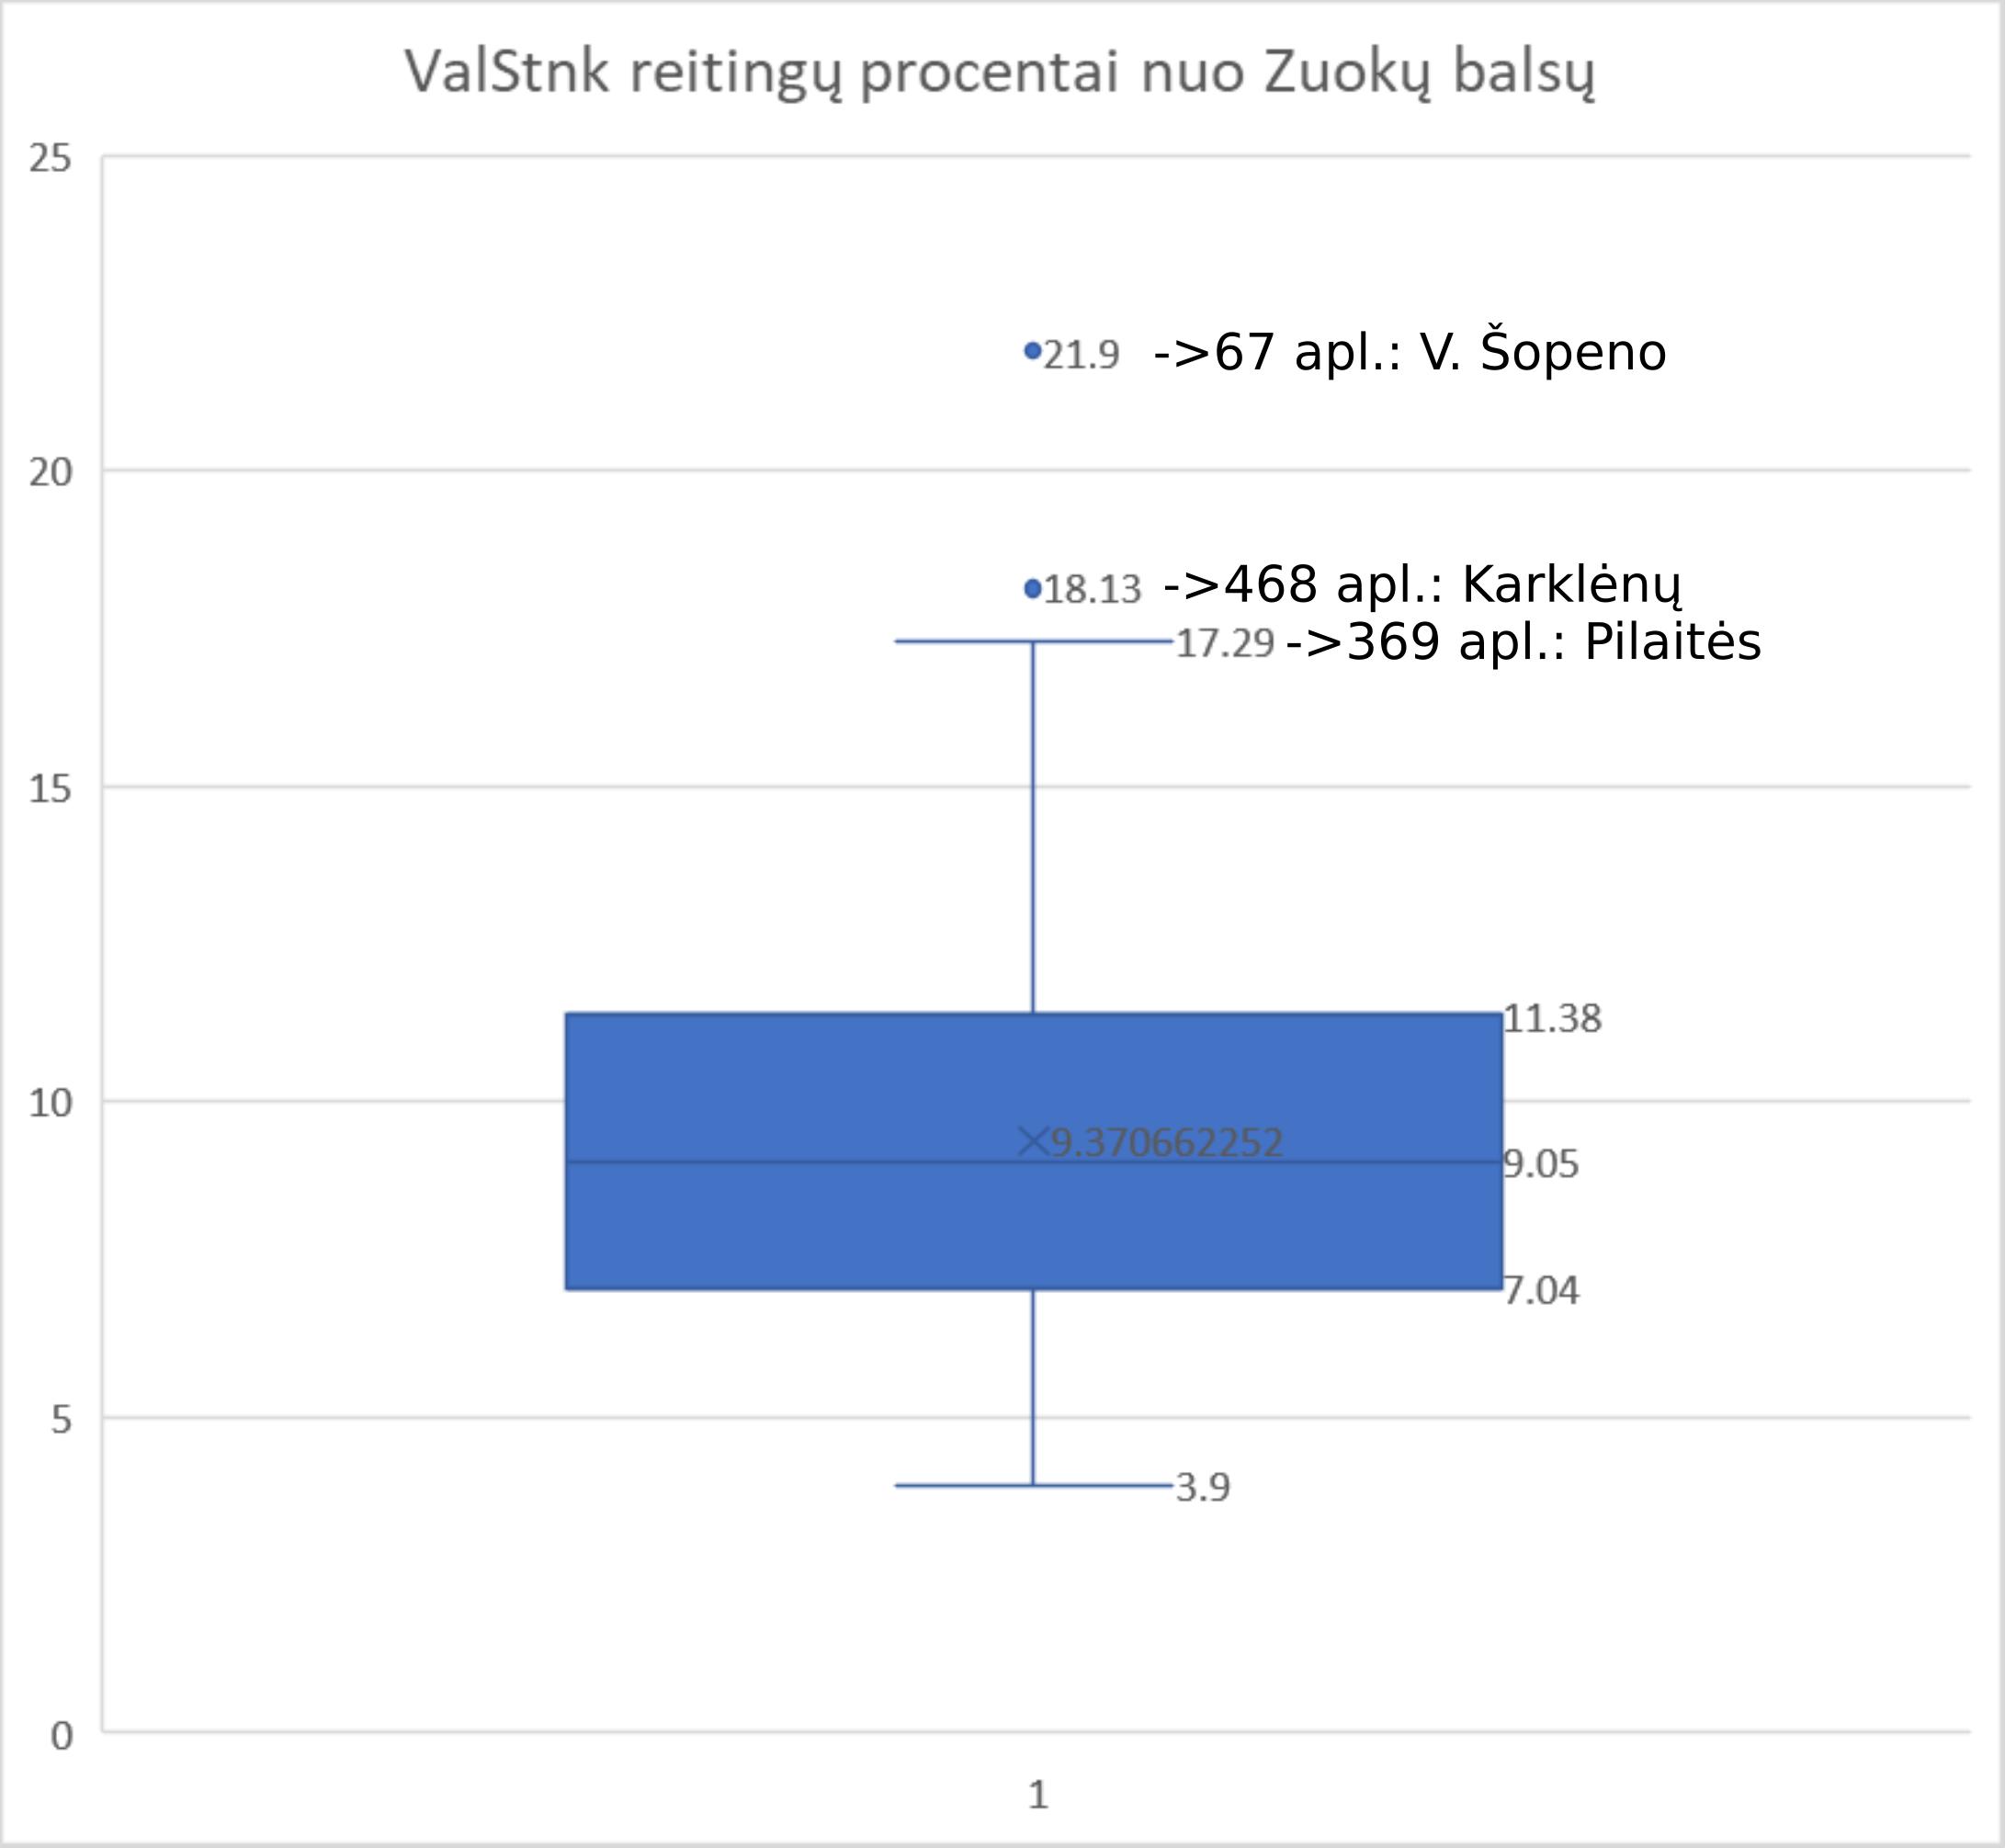 Šis grafikas rodo du viršutinius kaip outlayer'ius. Pilaitės apylinkė, kurioje Valerij Stankevič gavo daugiausiai balsų - ne outlayer'is.